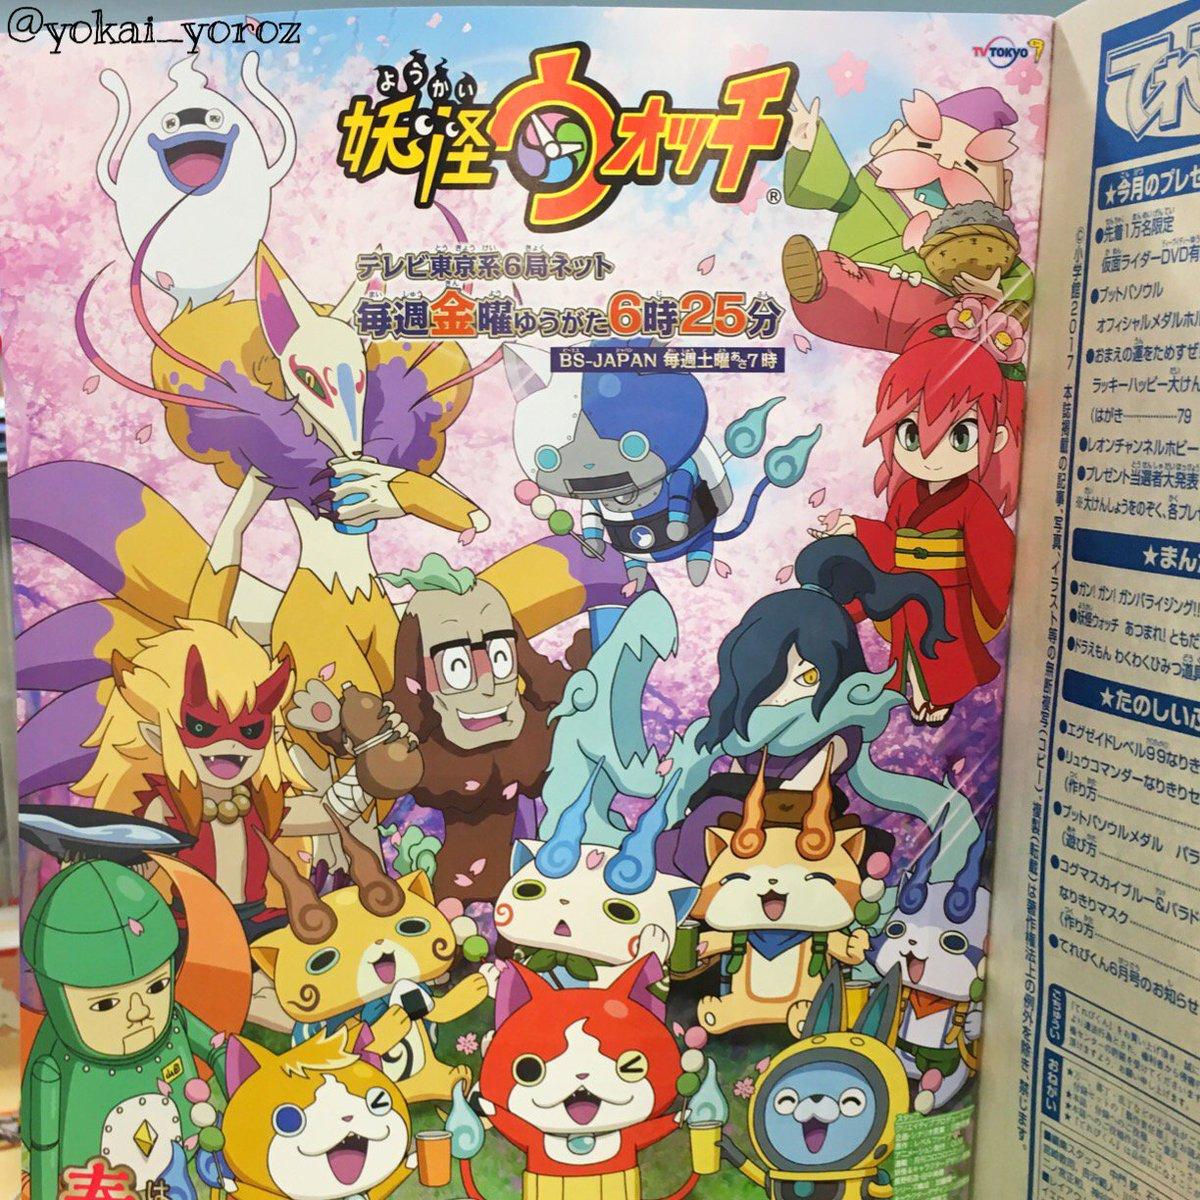 【お知らせ】ヨロズマート各店でTVアニメの新しいポスターが掲示中です!見つけたらご自由にお撮りください♪ ※画像は4月1